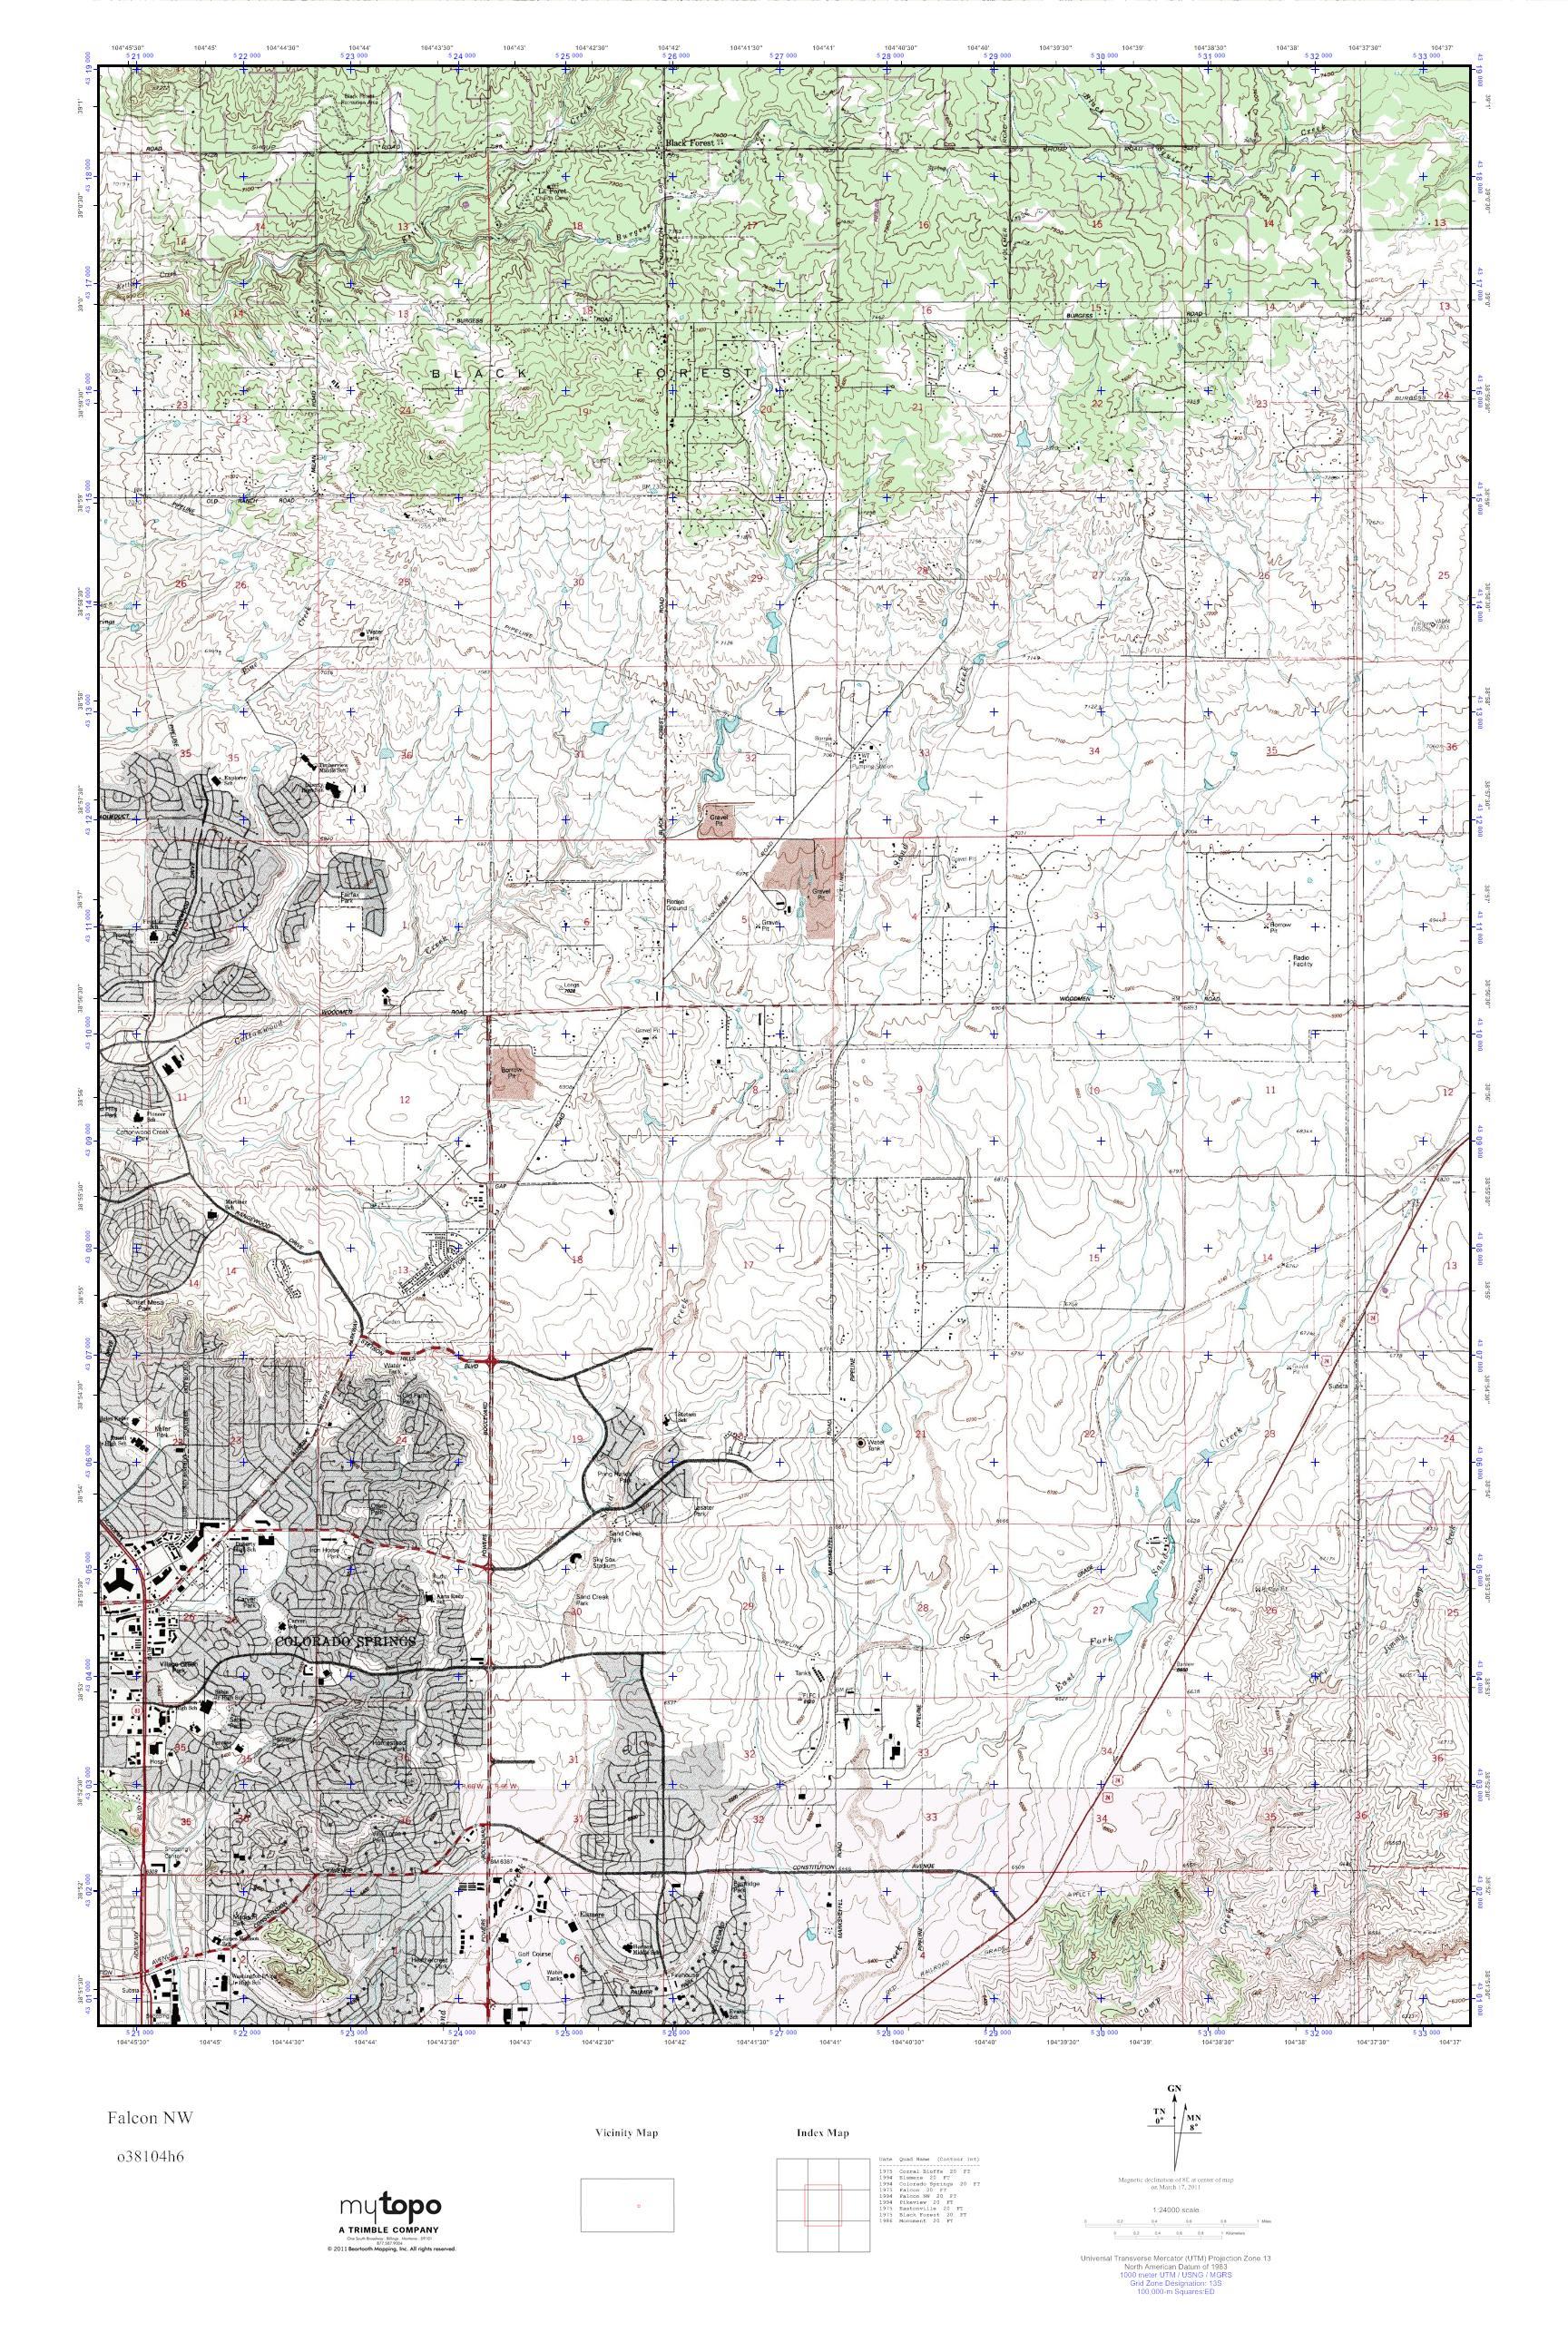 Nw Colorado Map.Mytopo Falcon Nw Colorado Usgs Quad Topo Map